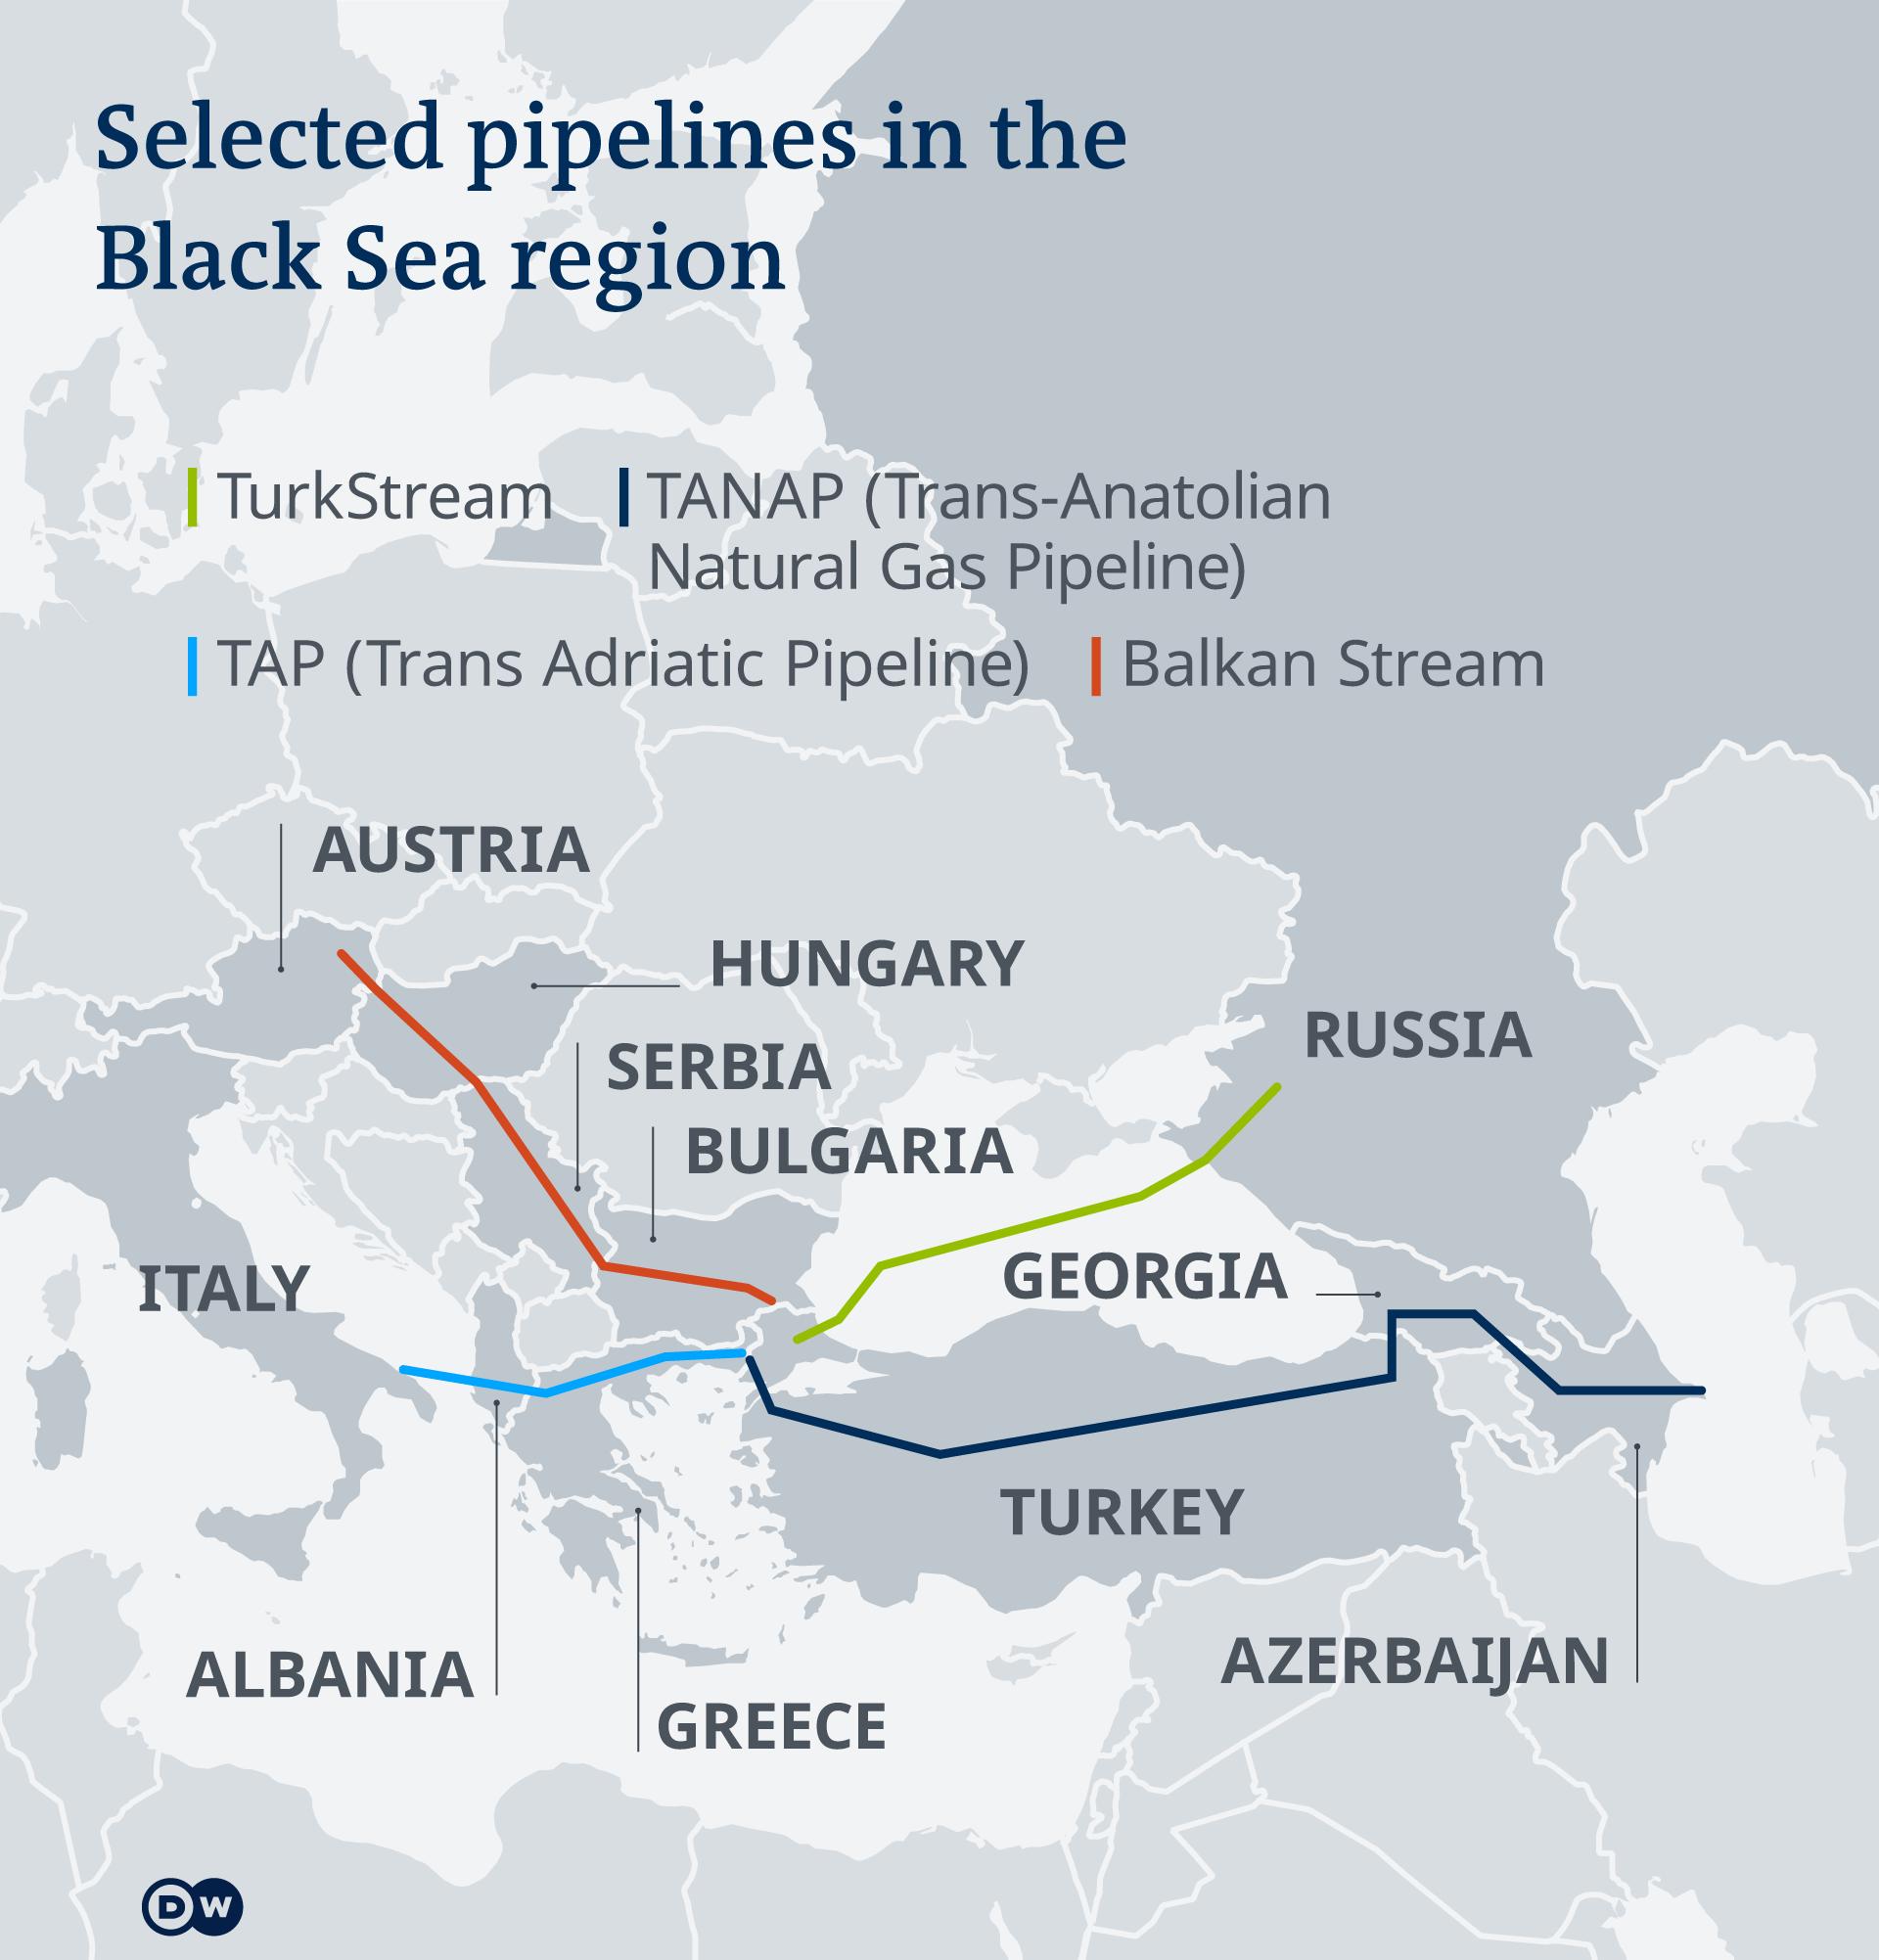 Χάρτης που δείχνει τους τέσσερις πιο σημαντικούς αγωγούς φυσικού αερίου στην περιοχή της Μαύρης Θάλασσας, συμπεριλαμβανομένων των Turk Stream, Balkan Stream, TAP και TANAP.